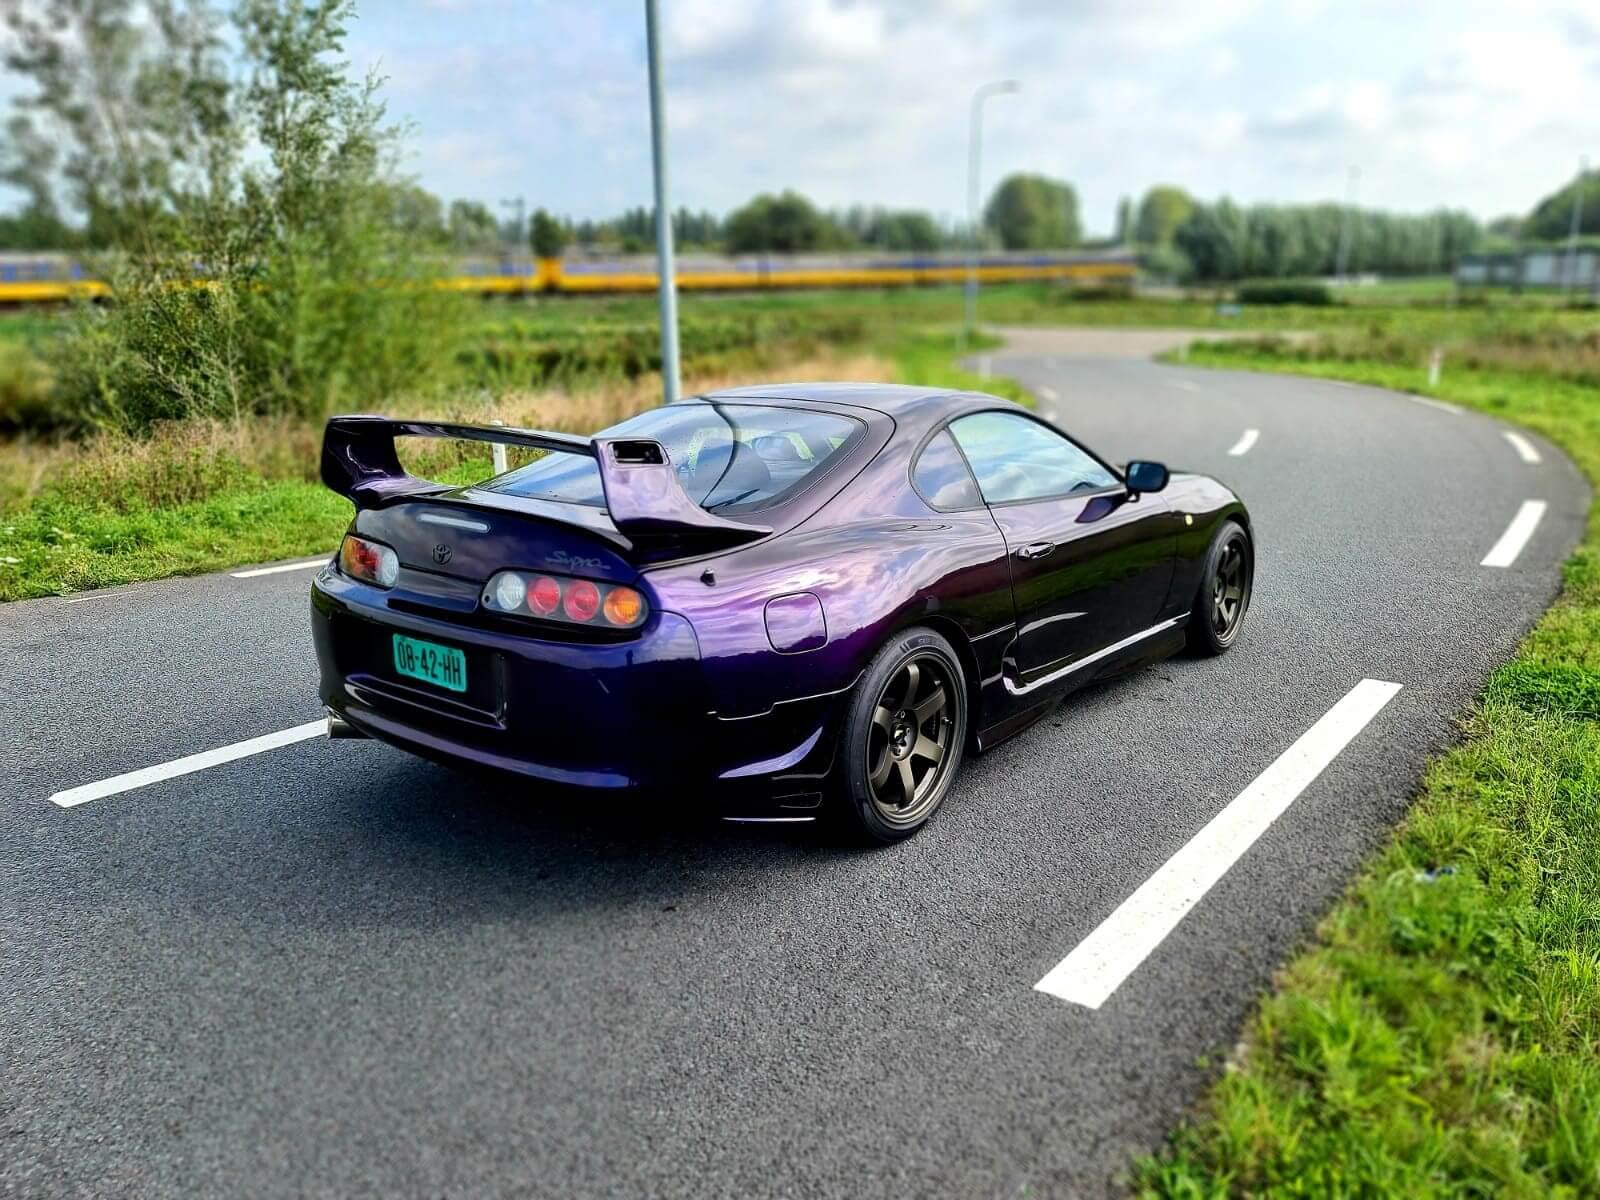 Toyota-Supra-Non-Turbo-W58-5-Speed-2